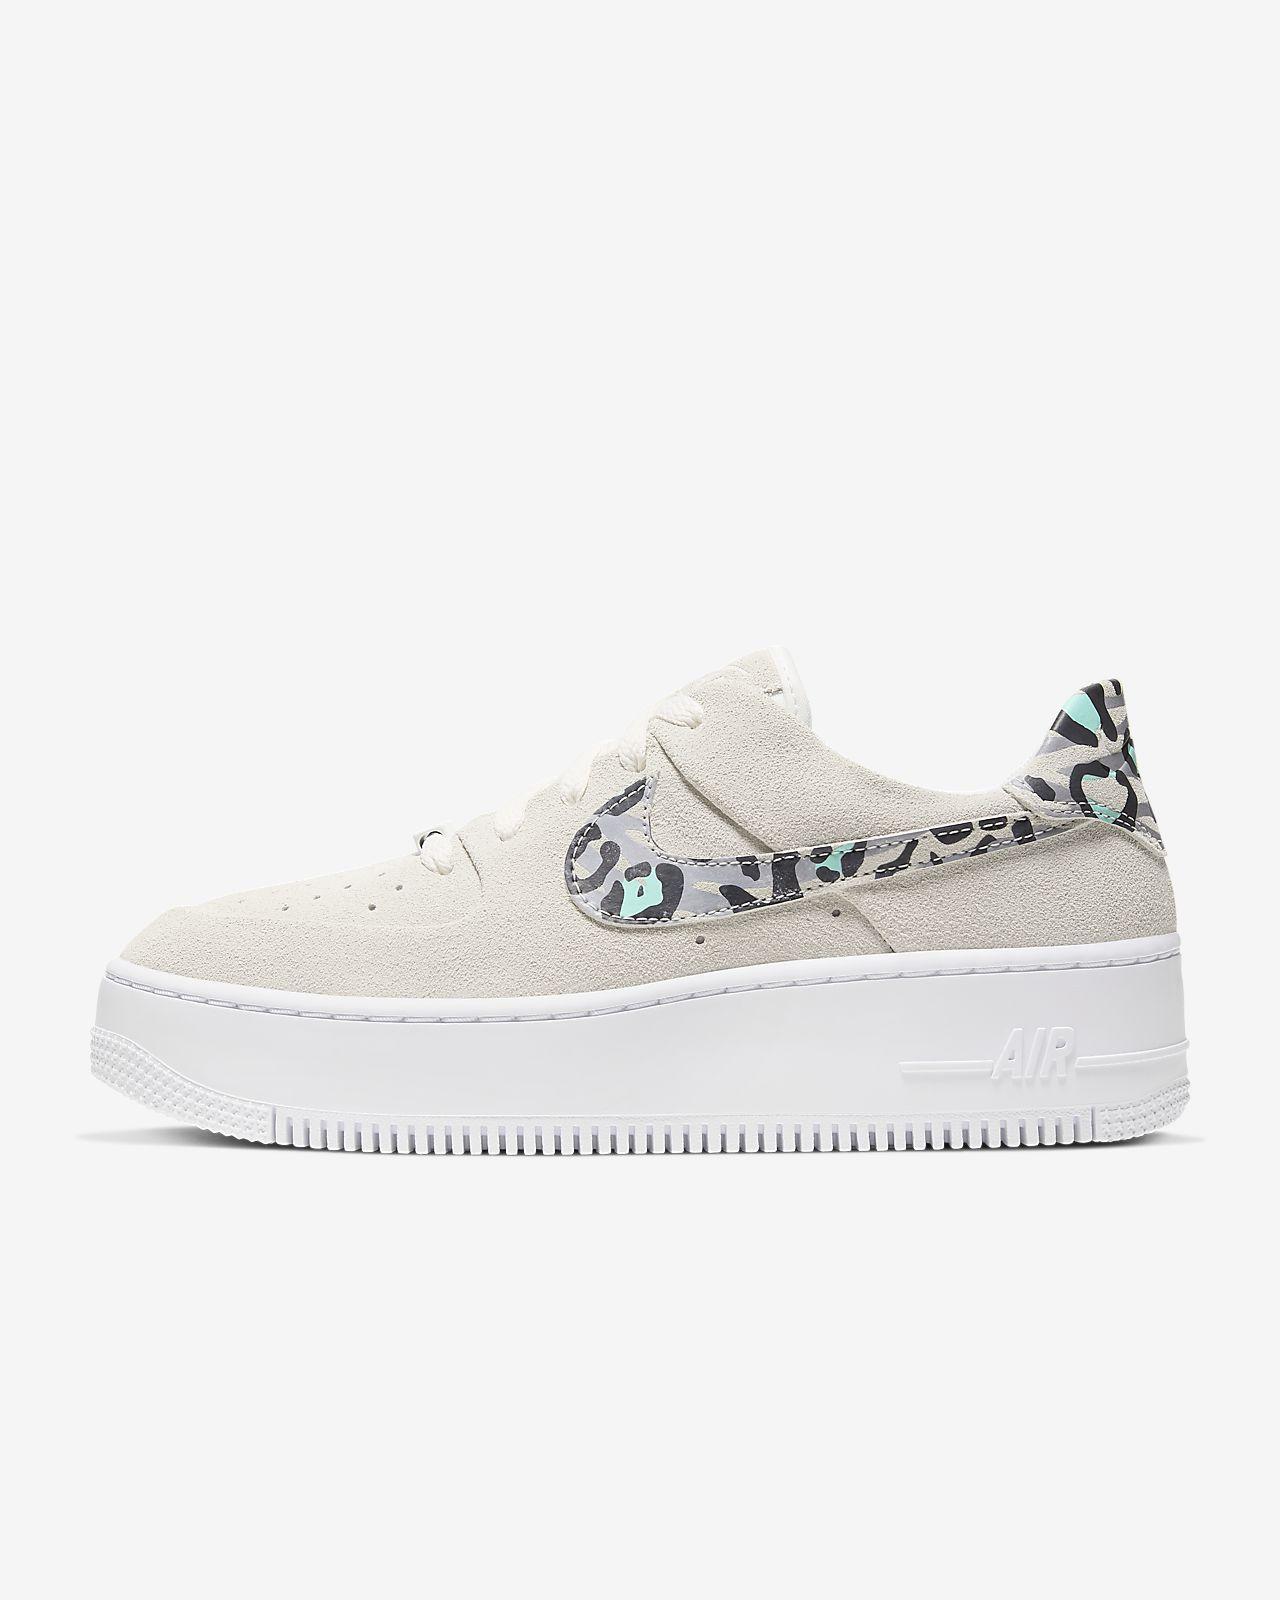 Chaussure à imprimé animal Nike Air Force 1 Sage Low pour Femme